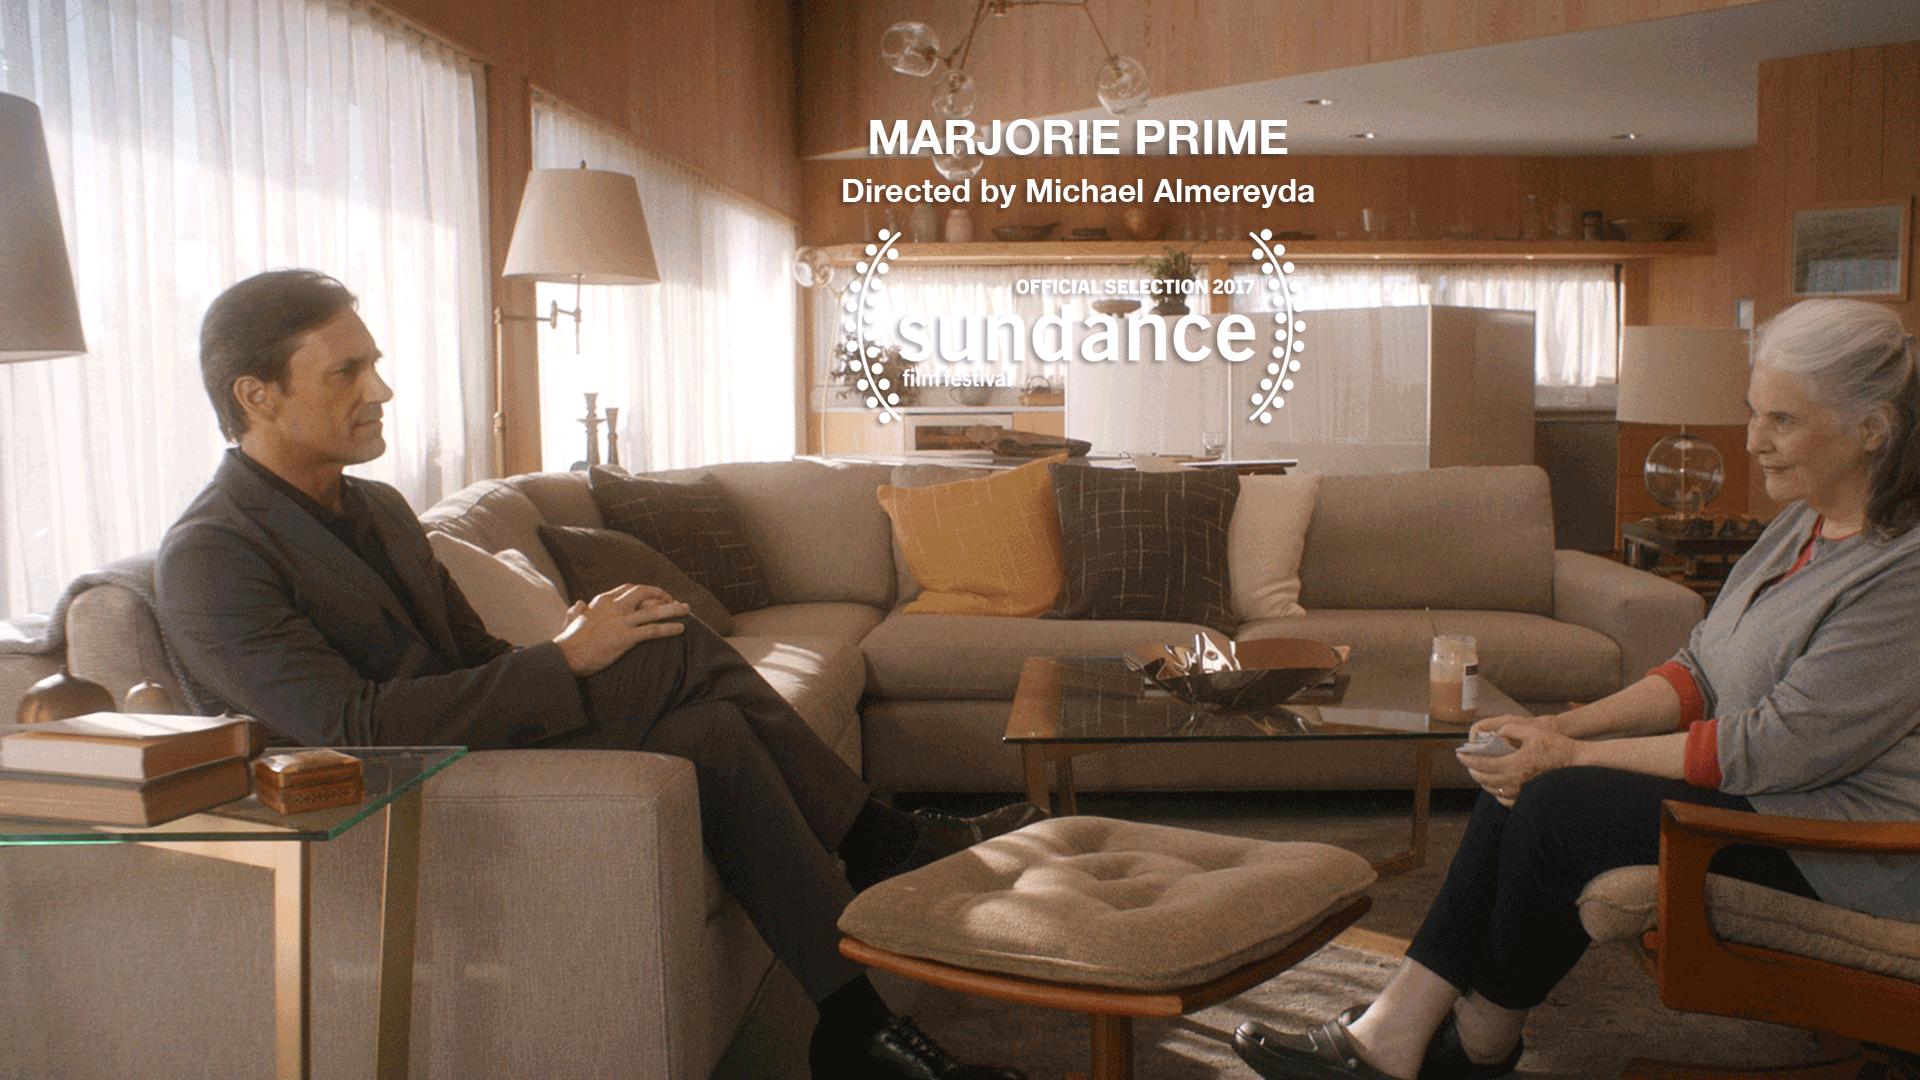 MarjoriePrime